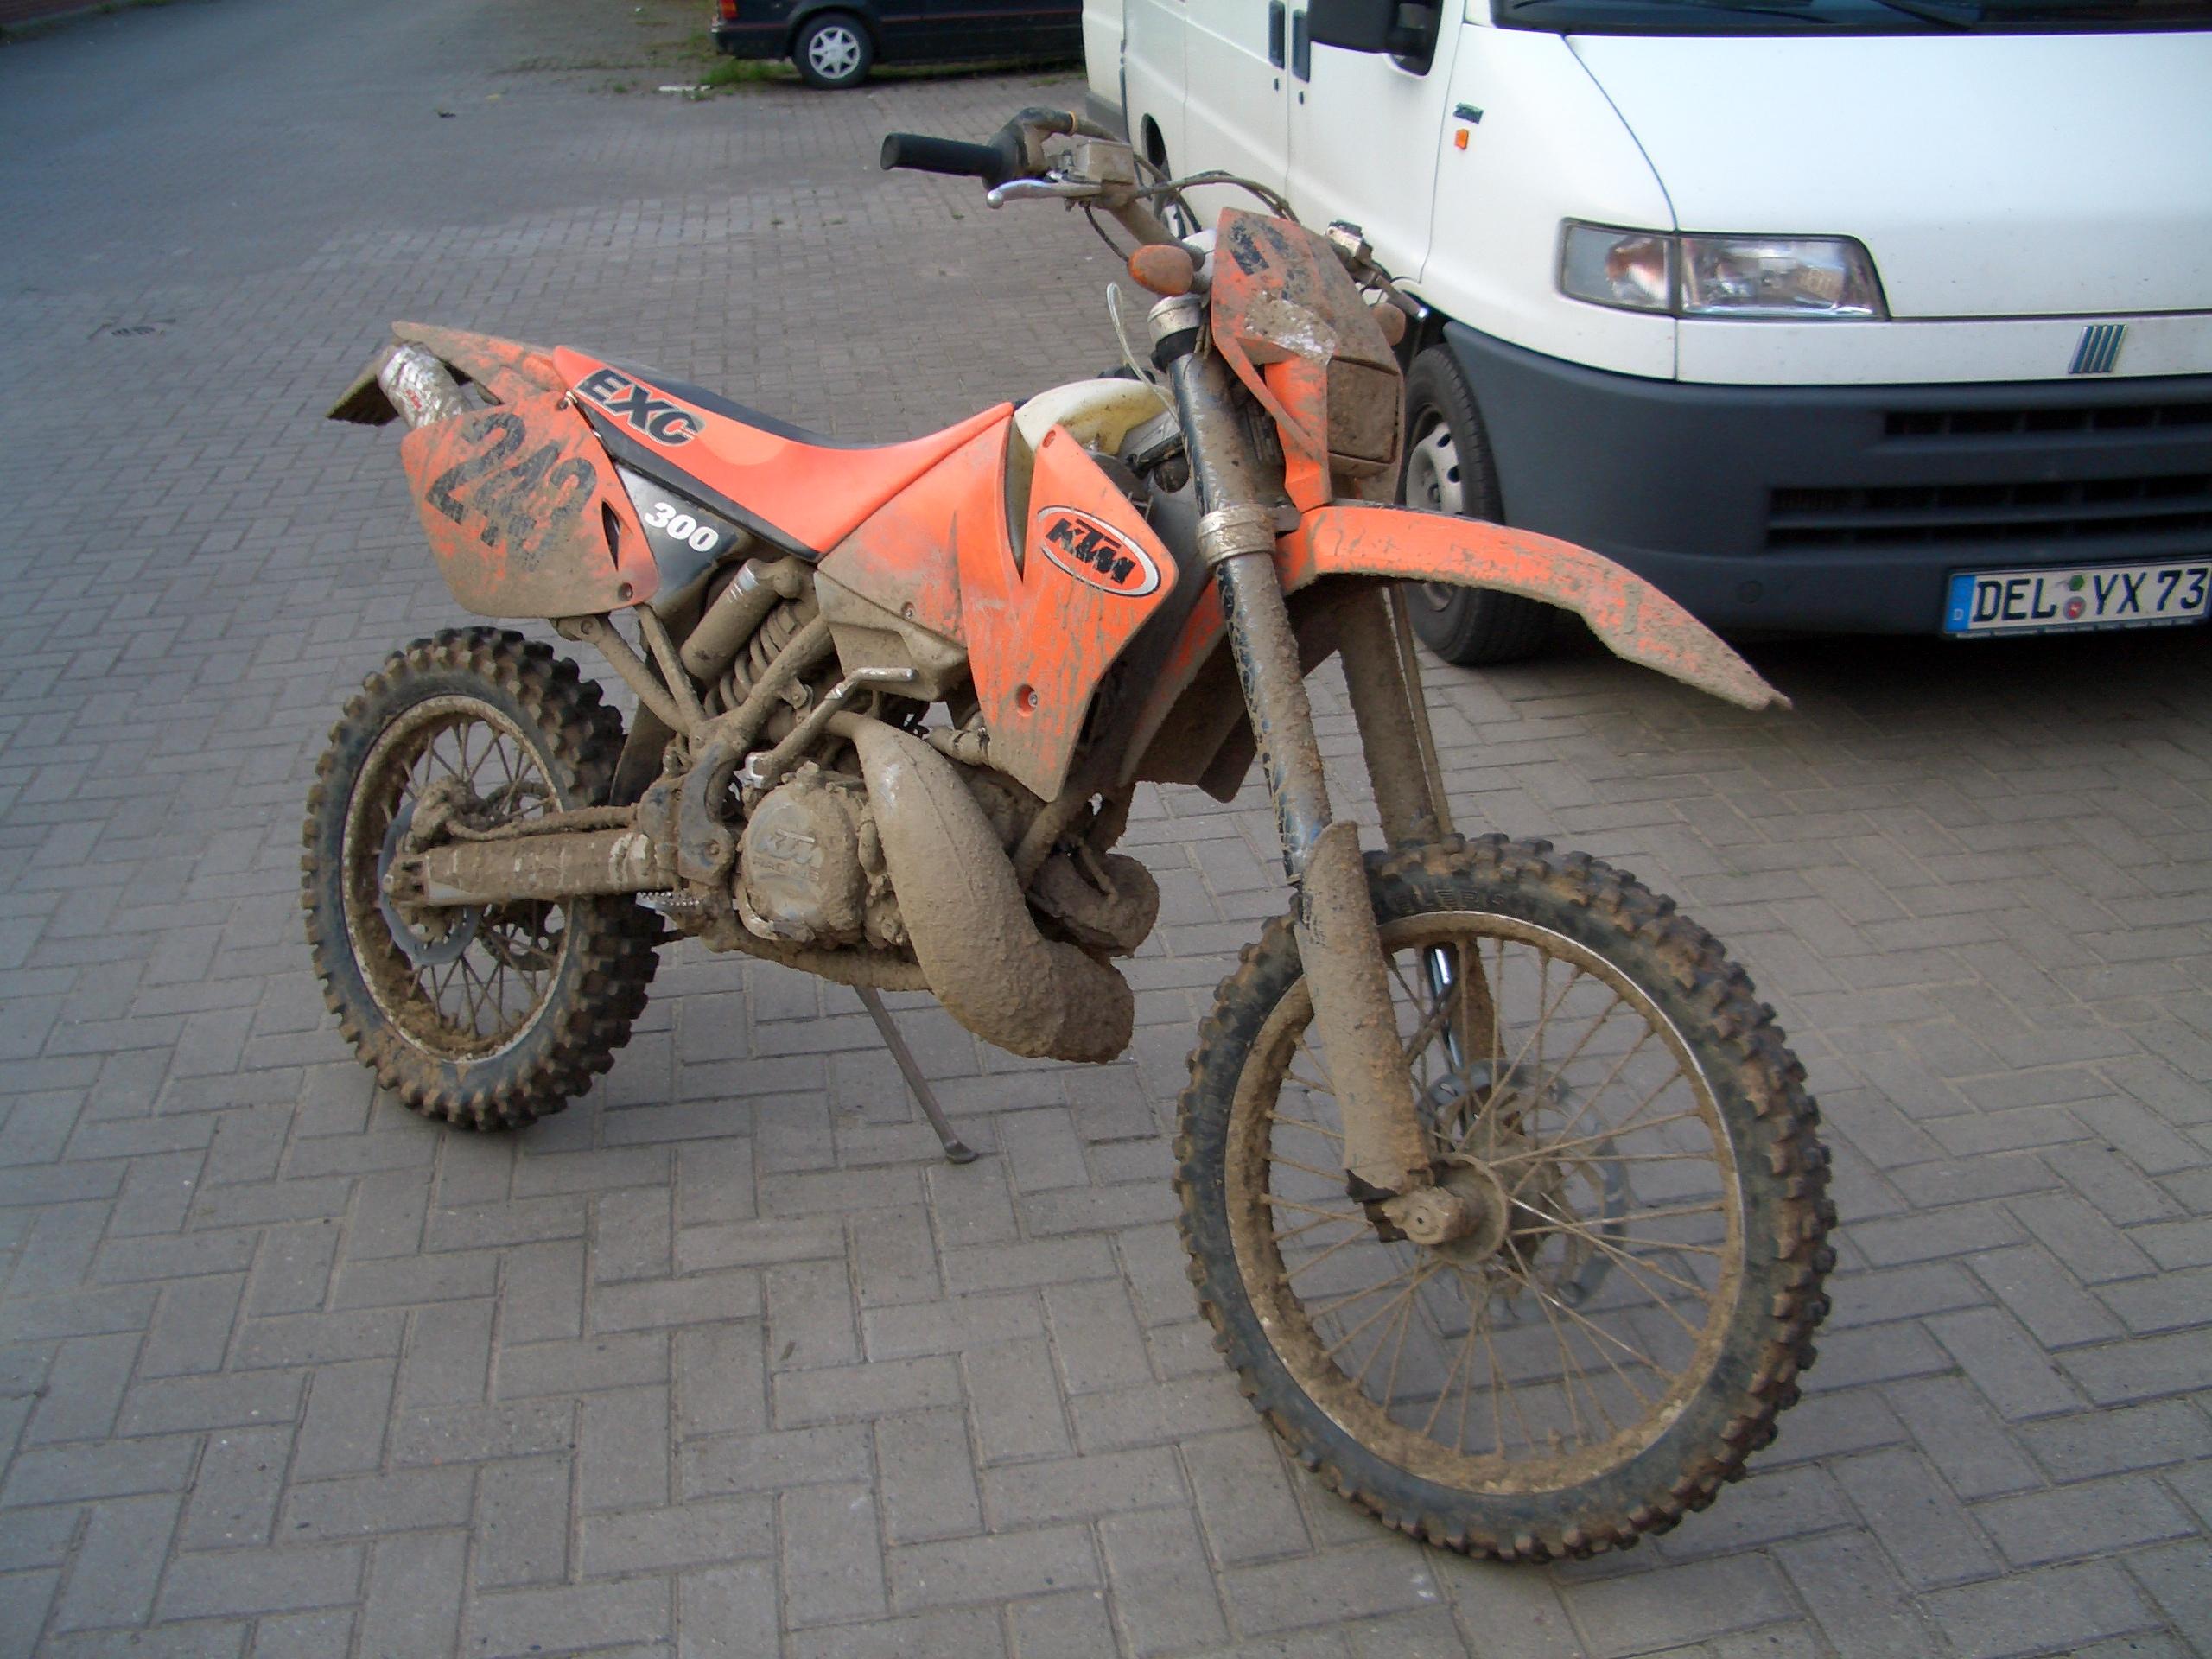 motorrad-002.jpg